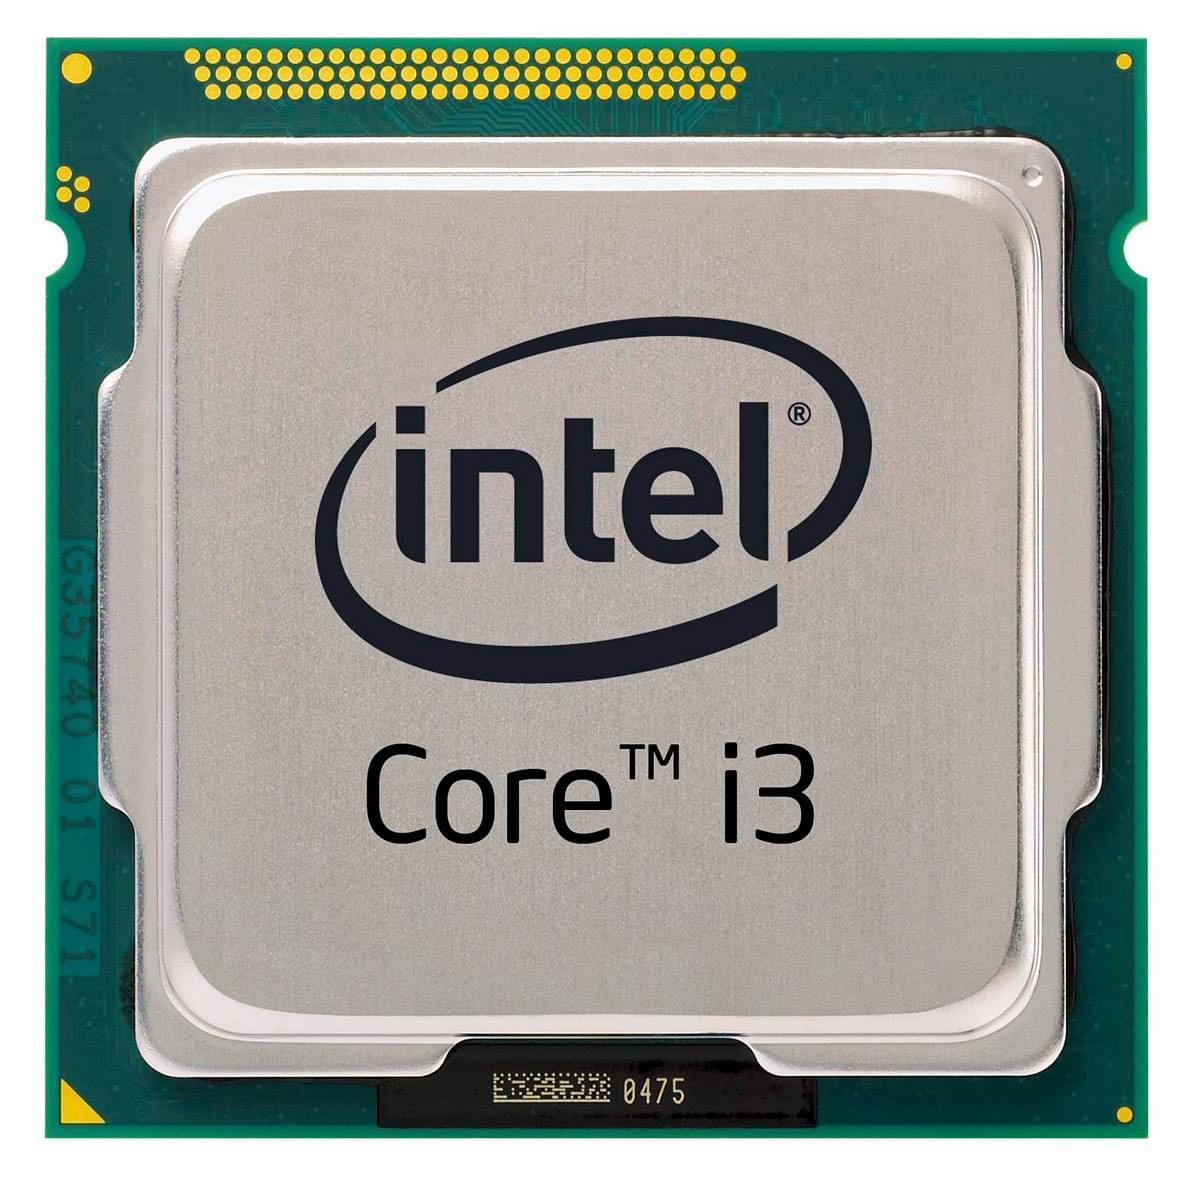 Intel Core i3 3220T - 2.8GHz - Processeur Intel - Cybertek.fr - 0